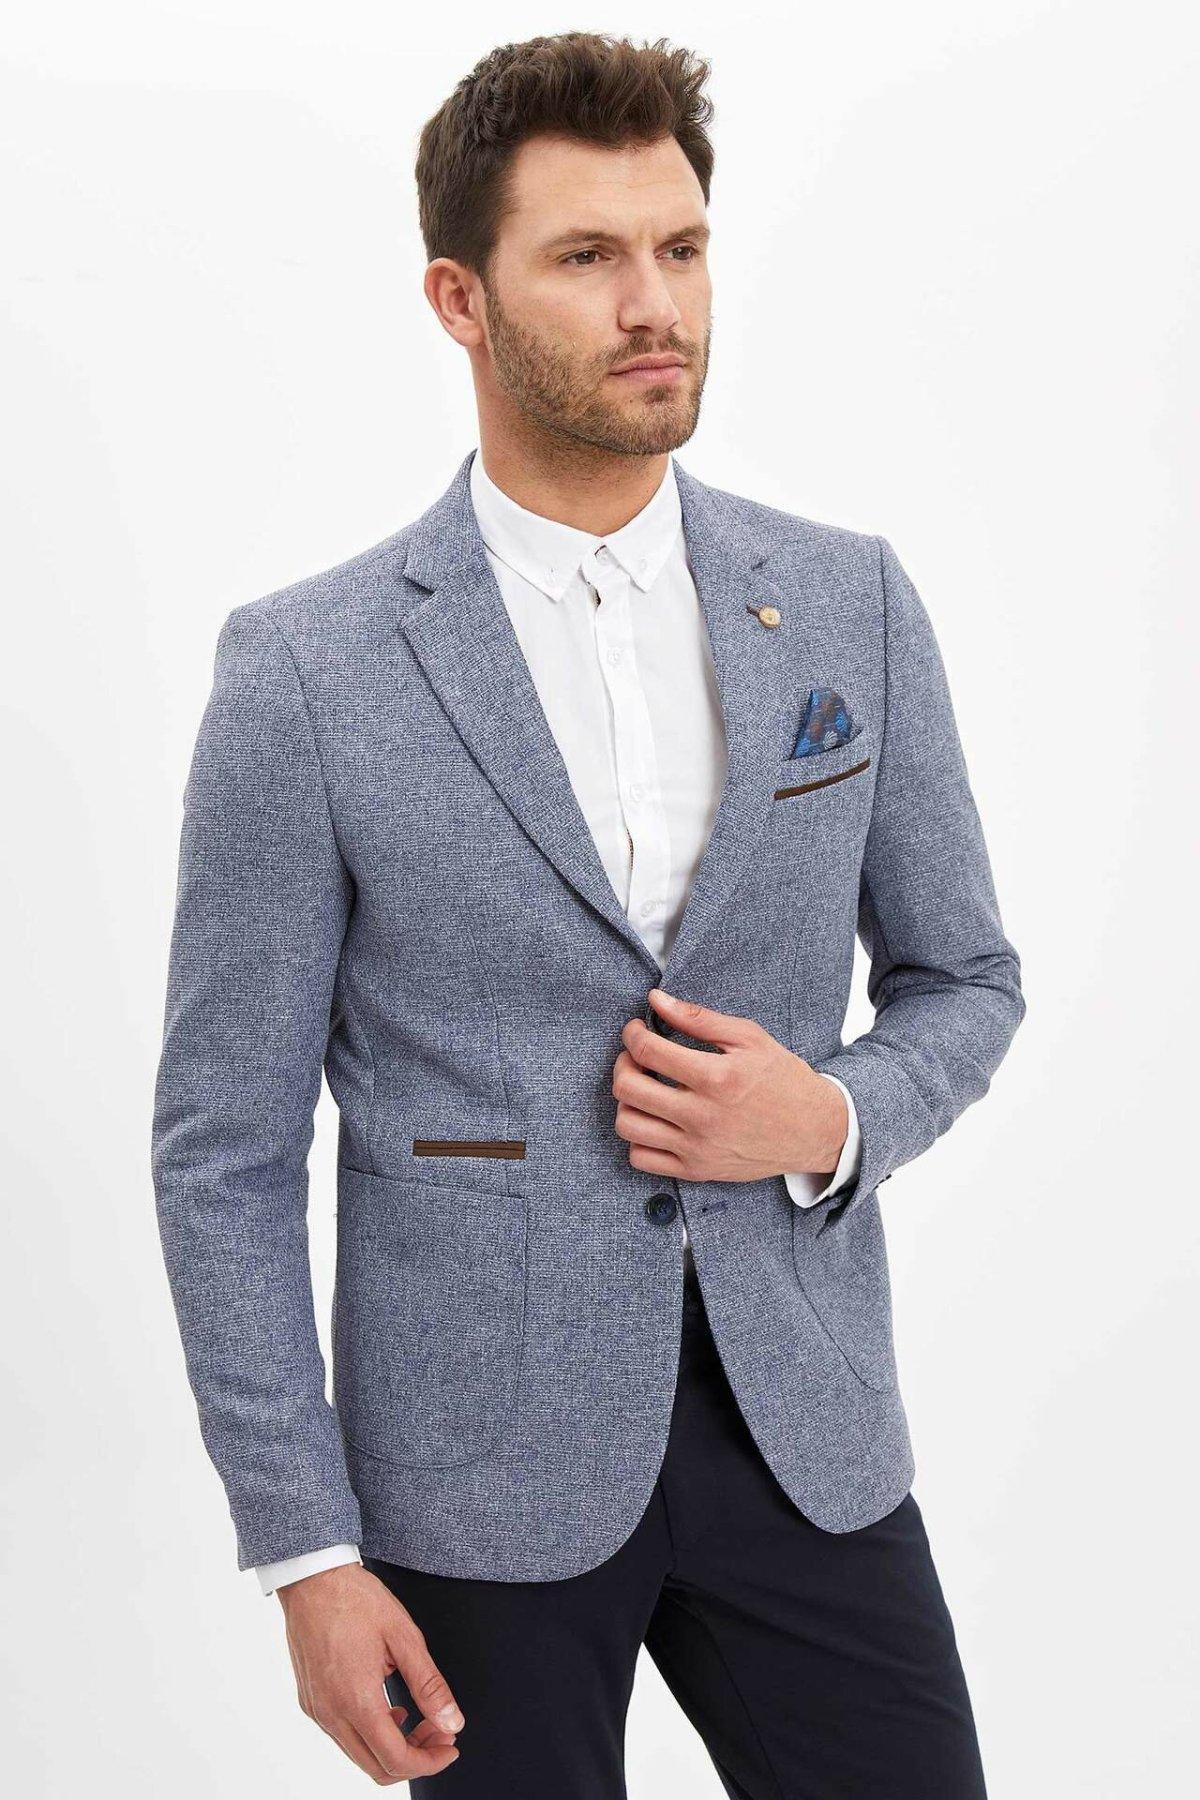 DeFacto Man's Spring Casual Blazer Men's Solid Color Blazer Suits Men's Business Suits Men's Smart Casual Blazer-N0583AZ20SP